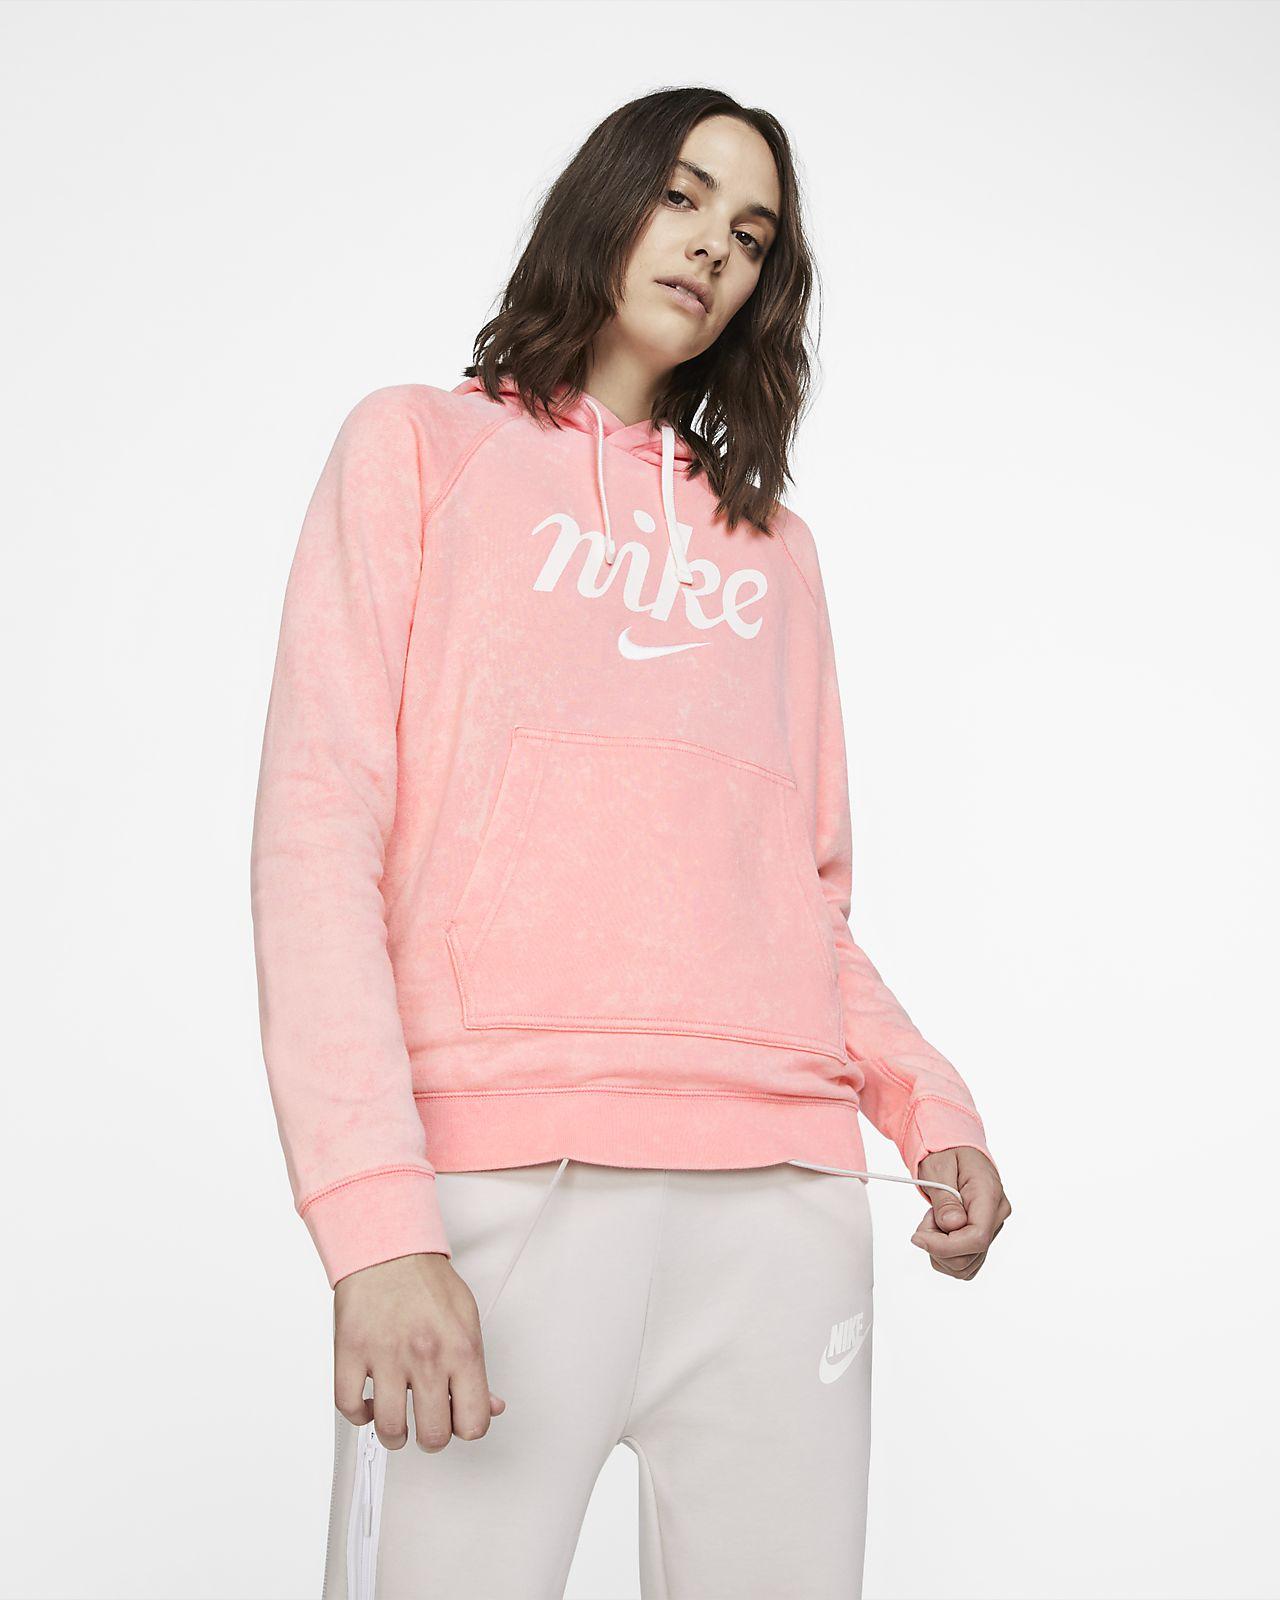 ac537b91a2e9 Low Resolution Nike Sportswear Women s Pullover Hoodie Nike Sportswear Women s  Pullover Hoodie